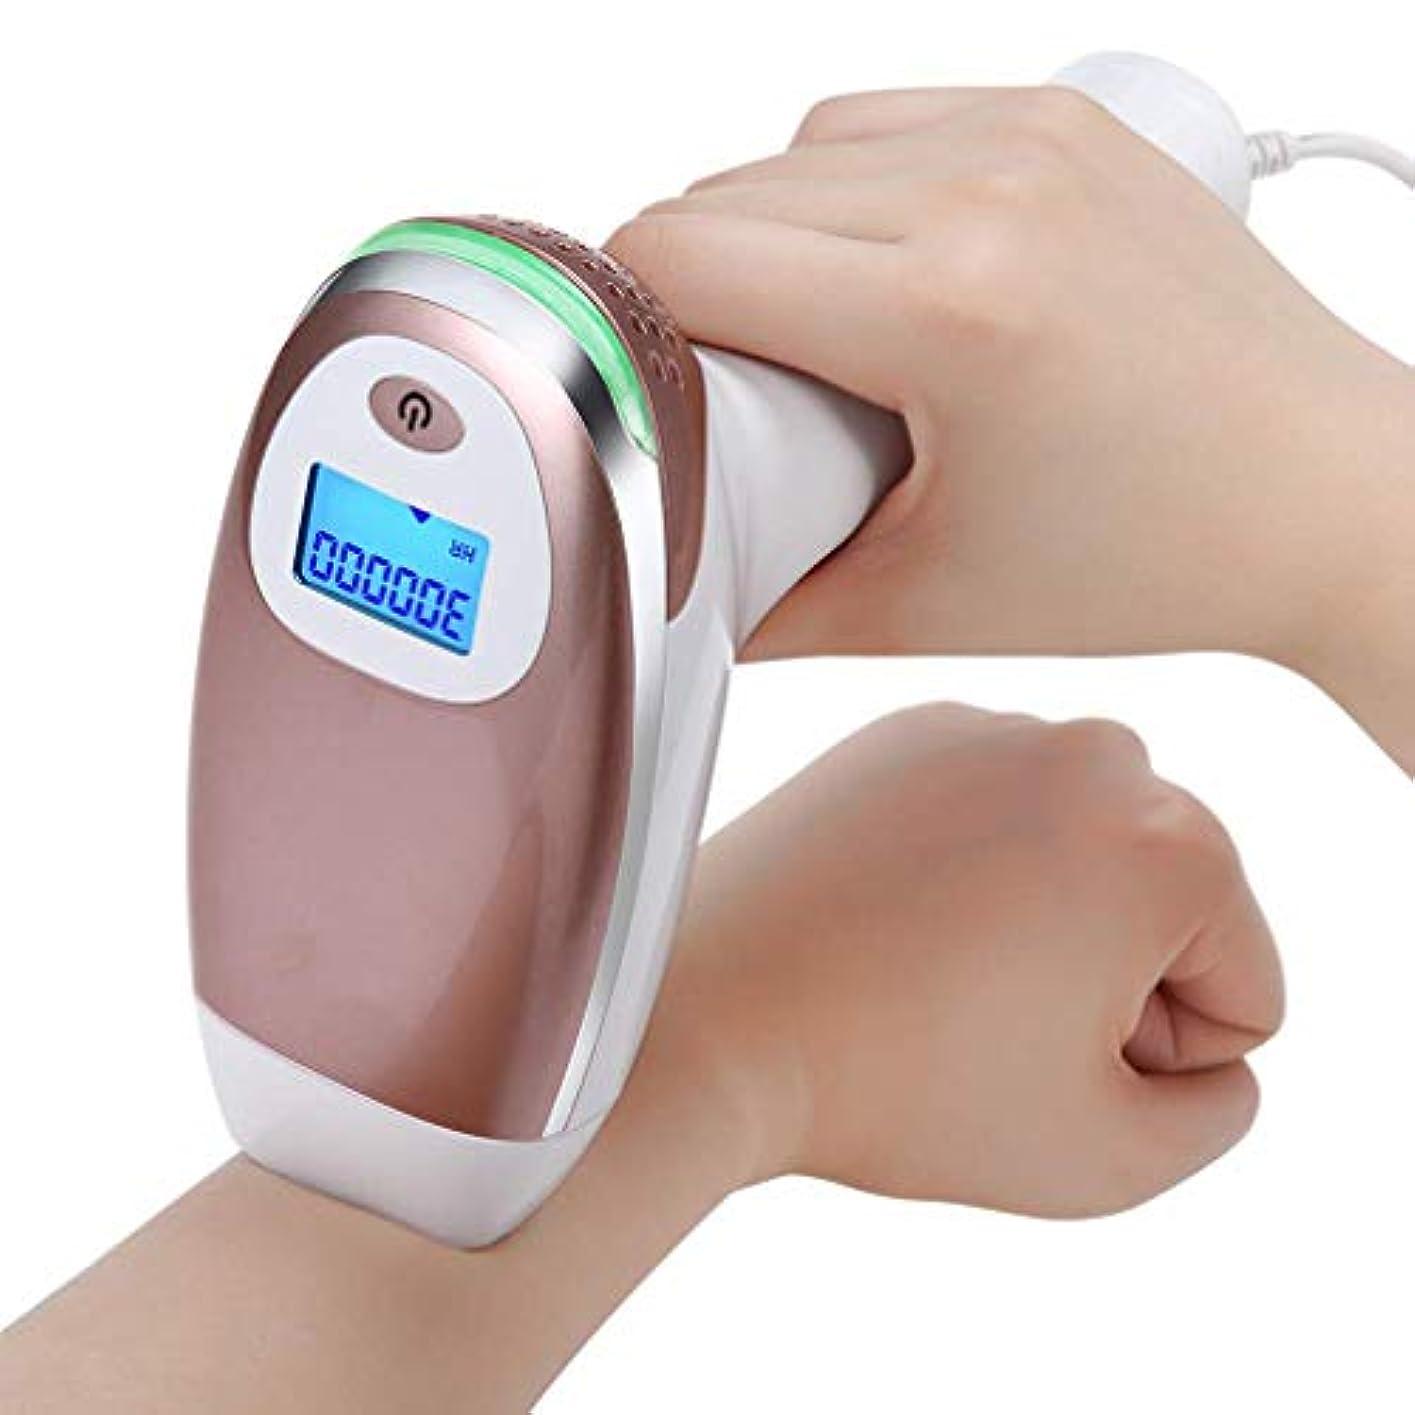 またねびっくりする追放痛みのないレーザー脱毛装置 - 体、顔、脇の下、ビキニラインのためのLCDスクリーン付きIPL脱毛システム